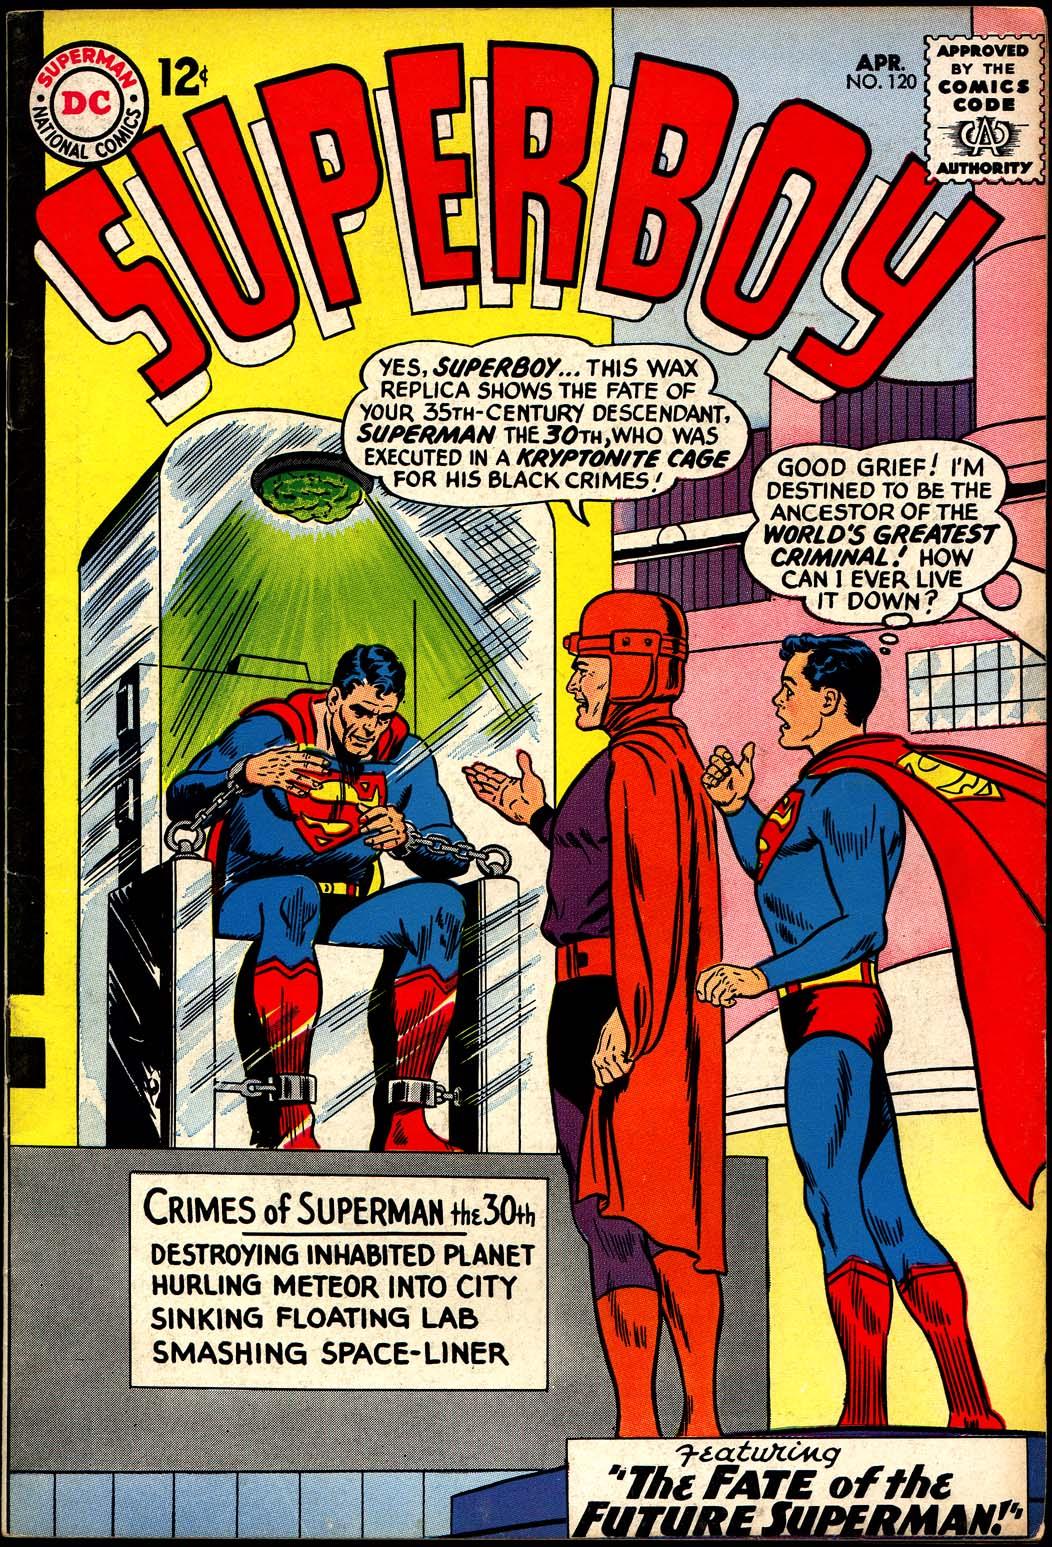 [Image: Superboy120_01.jpg]